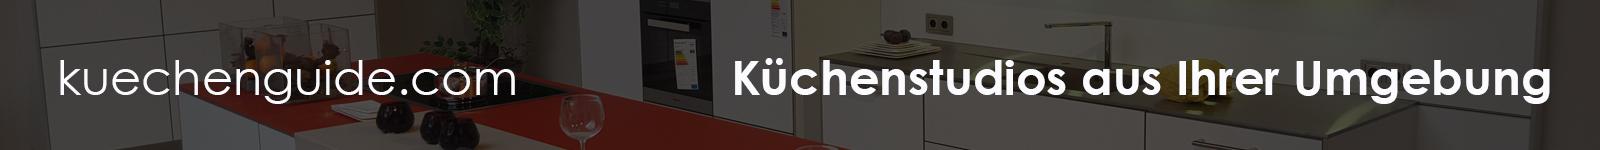 kuechenguide.com_banner.jpg